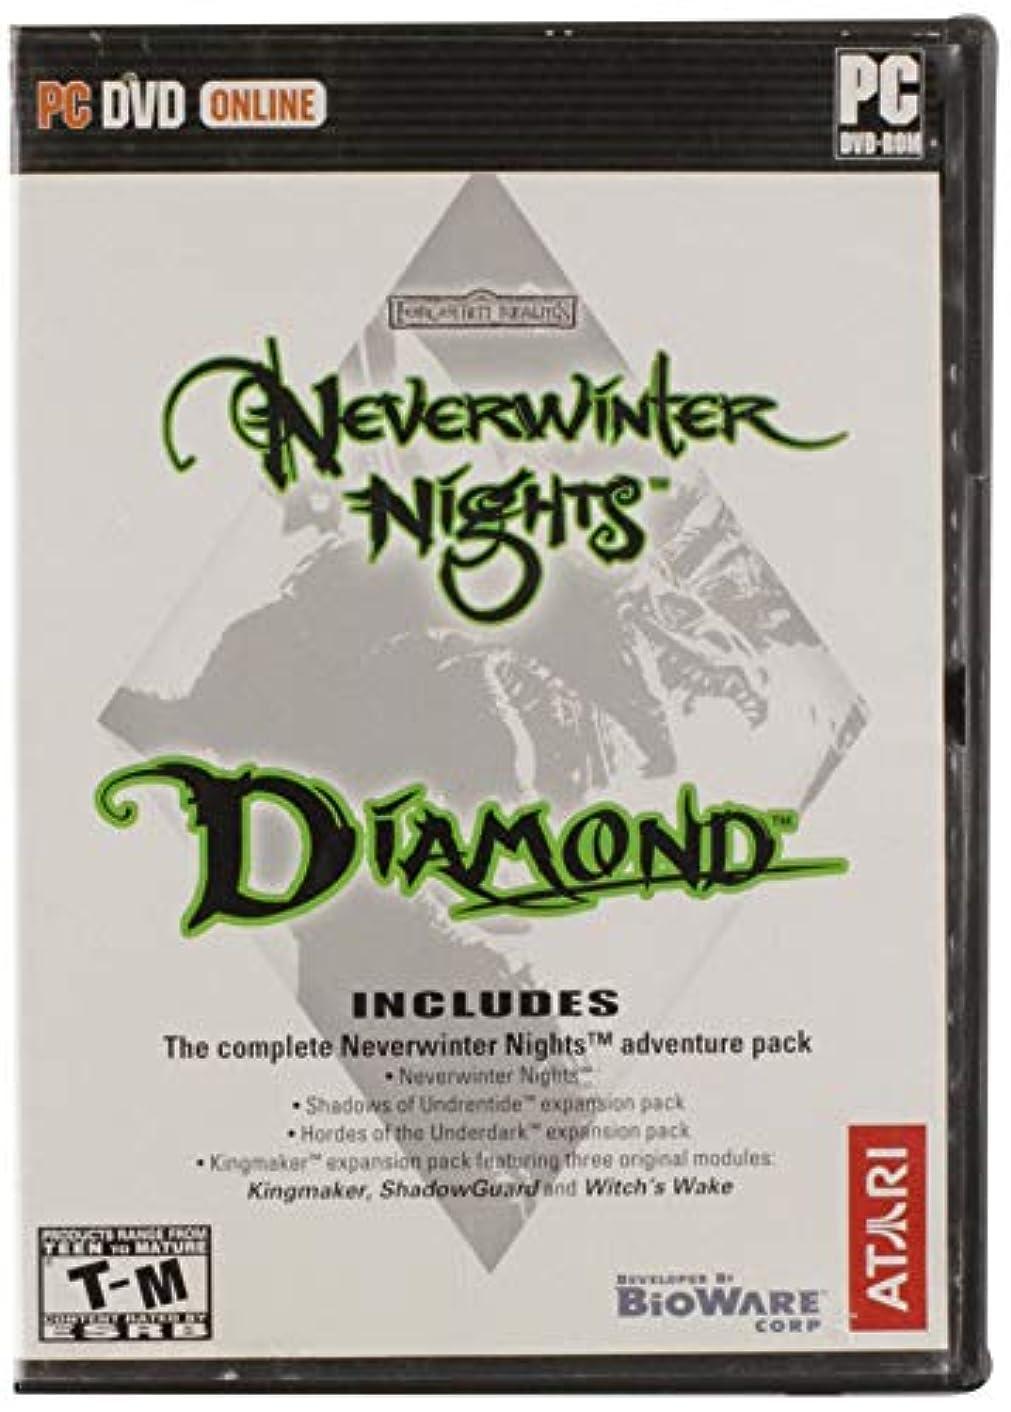 火曜日路面電車ぼんやりしたNeverwinter Nights Diamond